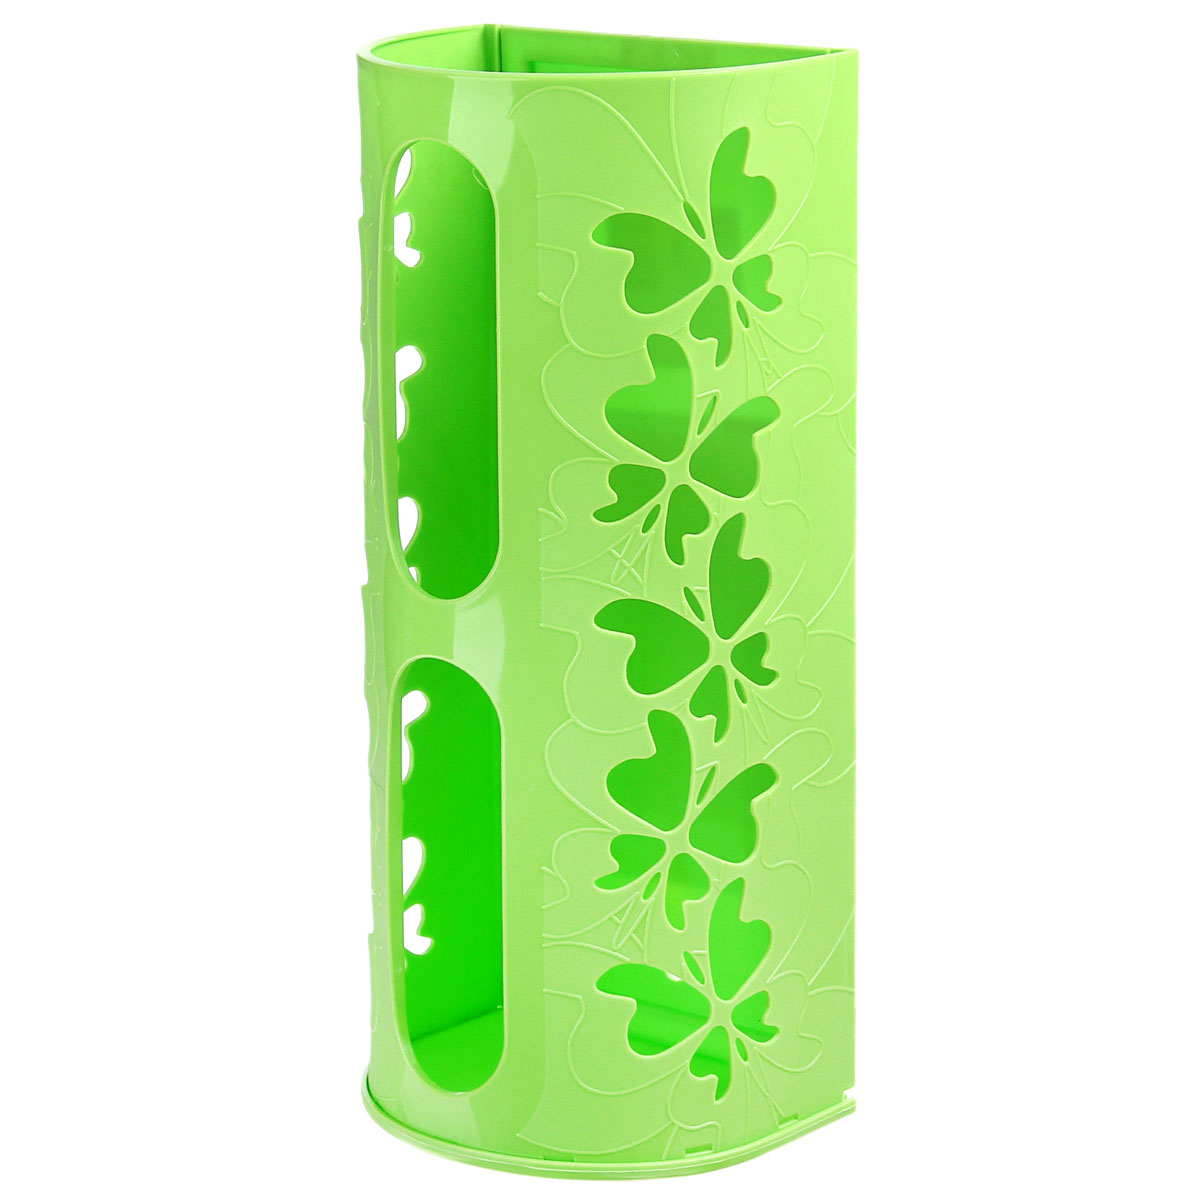 Корзина для пакетов Berossi Fly, цвет: салатовыйTD 0033Корзина для пакетов Berossi Fly, изготовлена из высококачественного пластика. Эта практичная корзина наведет порядок в кладовке или кухонном шкафу и позволит хранить пластиковые пакеты или хозяйственные сумочки во всегда доступном месте! Изделие декорировано резным изображением бабочек. Корзина просто подвешивается на дверь шкафчика изнутри или снаружи, в зависимости от назначения. Корзина для пакетов Berossi Fly будет замечательным подарком для поддержания чистоты и порядка. Она сэкономит место, гармонично впишется в интерьер и будет радовать вас уникальным дизайном.